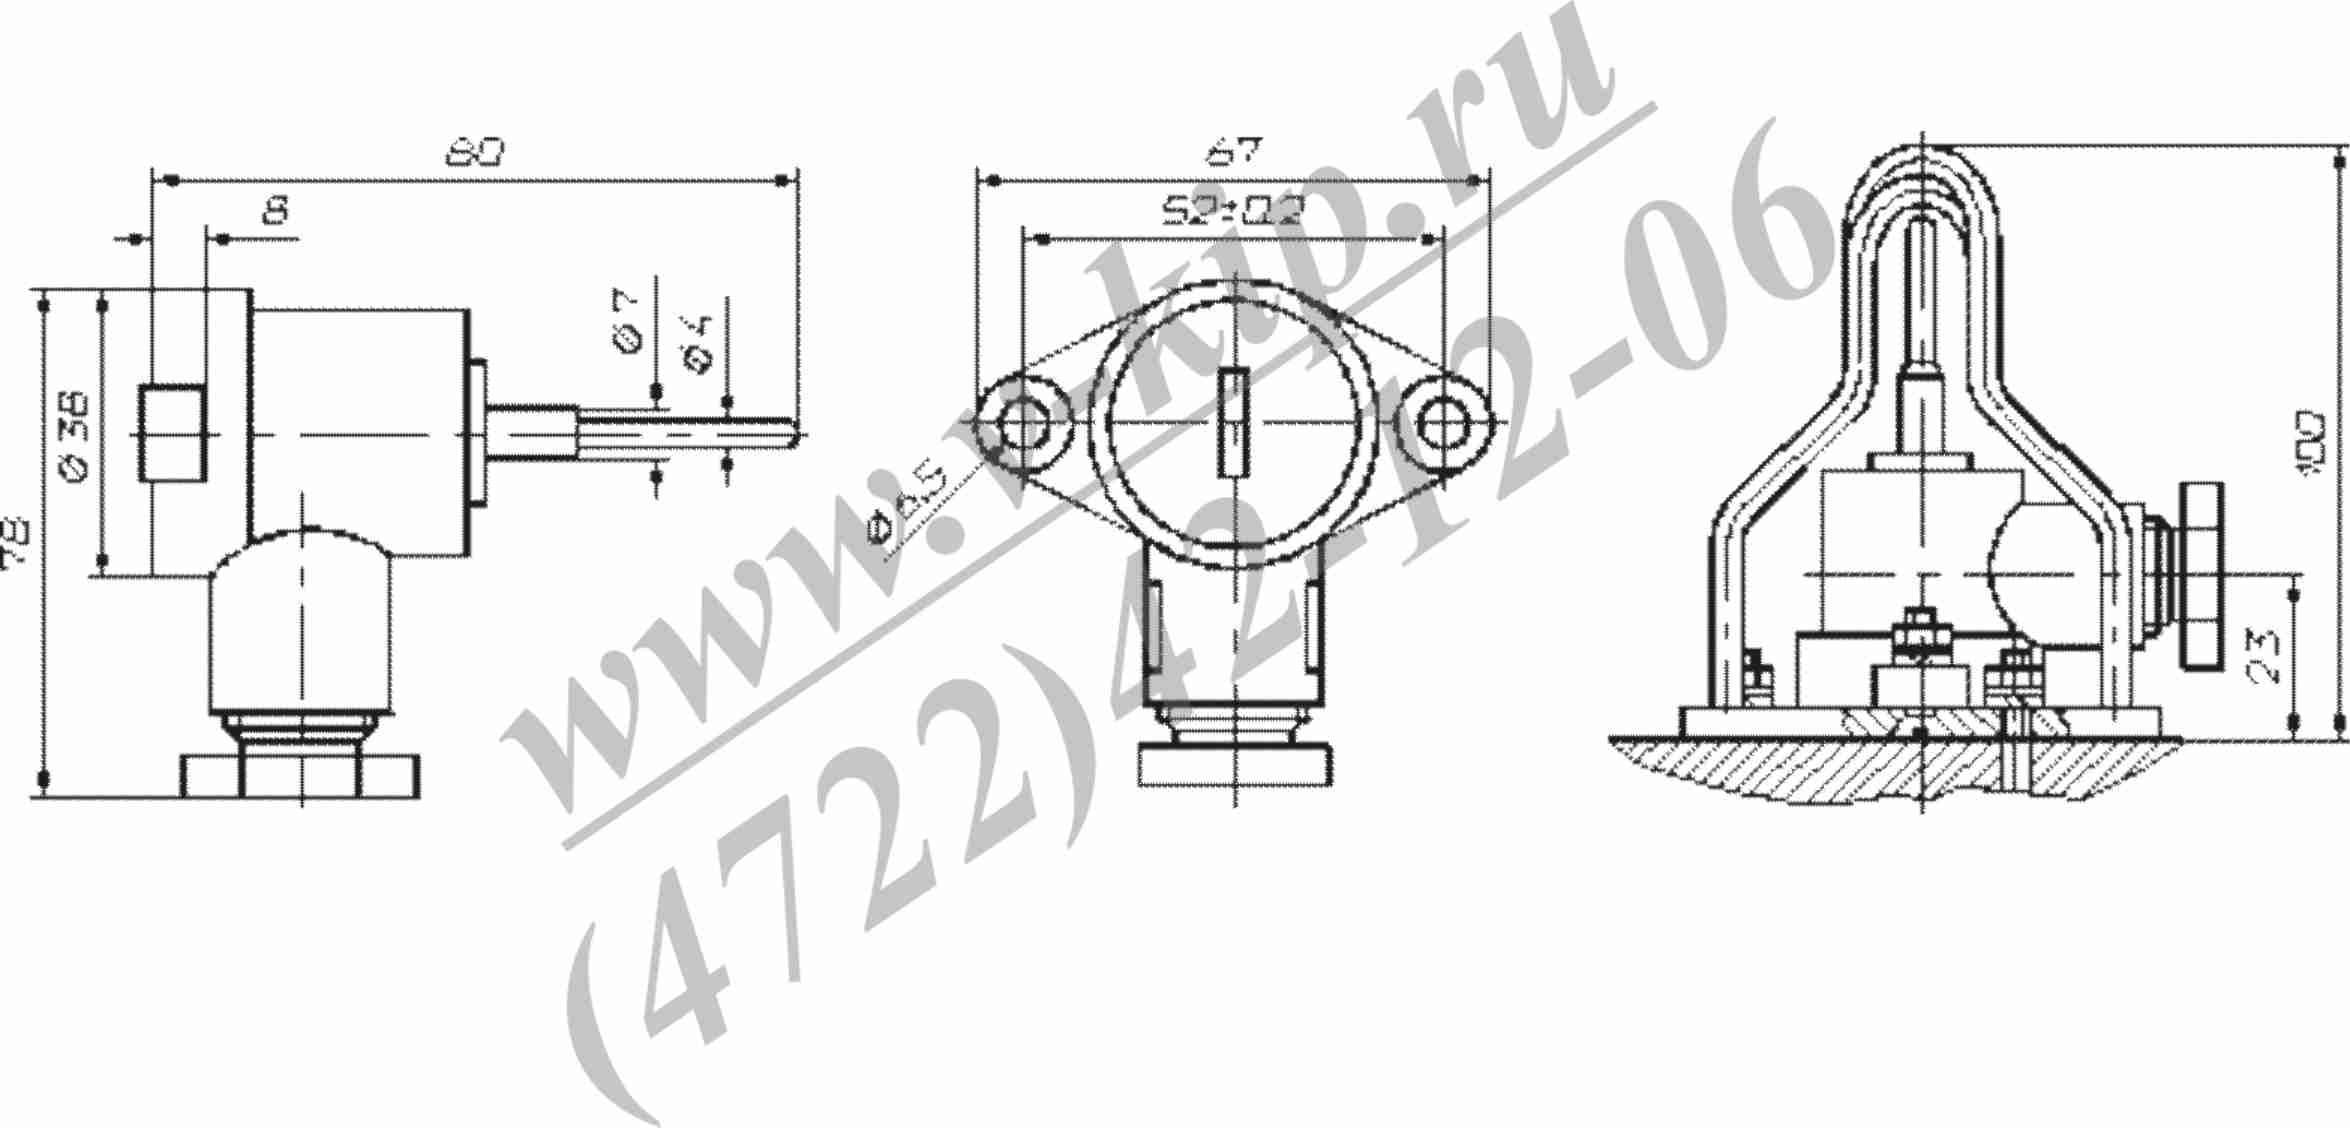 ТСП-8045Р, ТСМ-8045Р термопреобразователи габариты